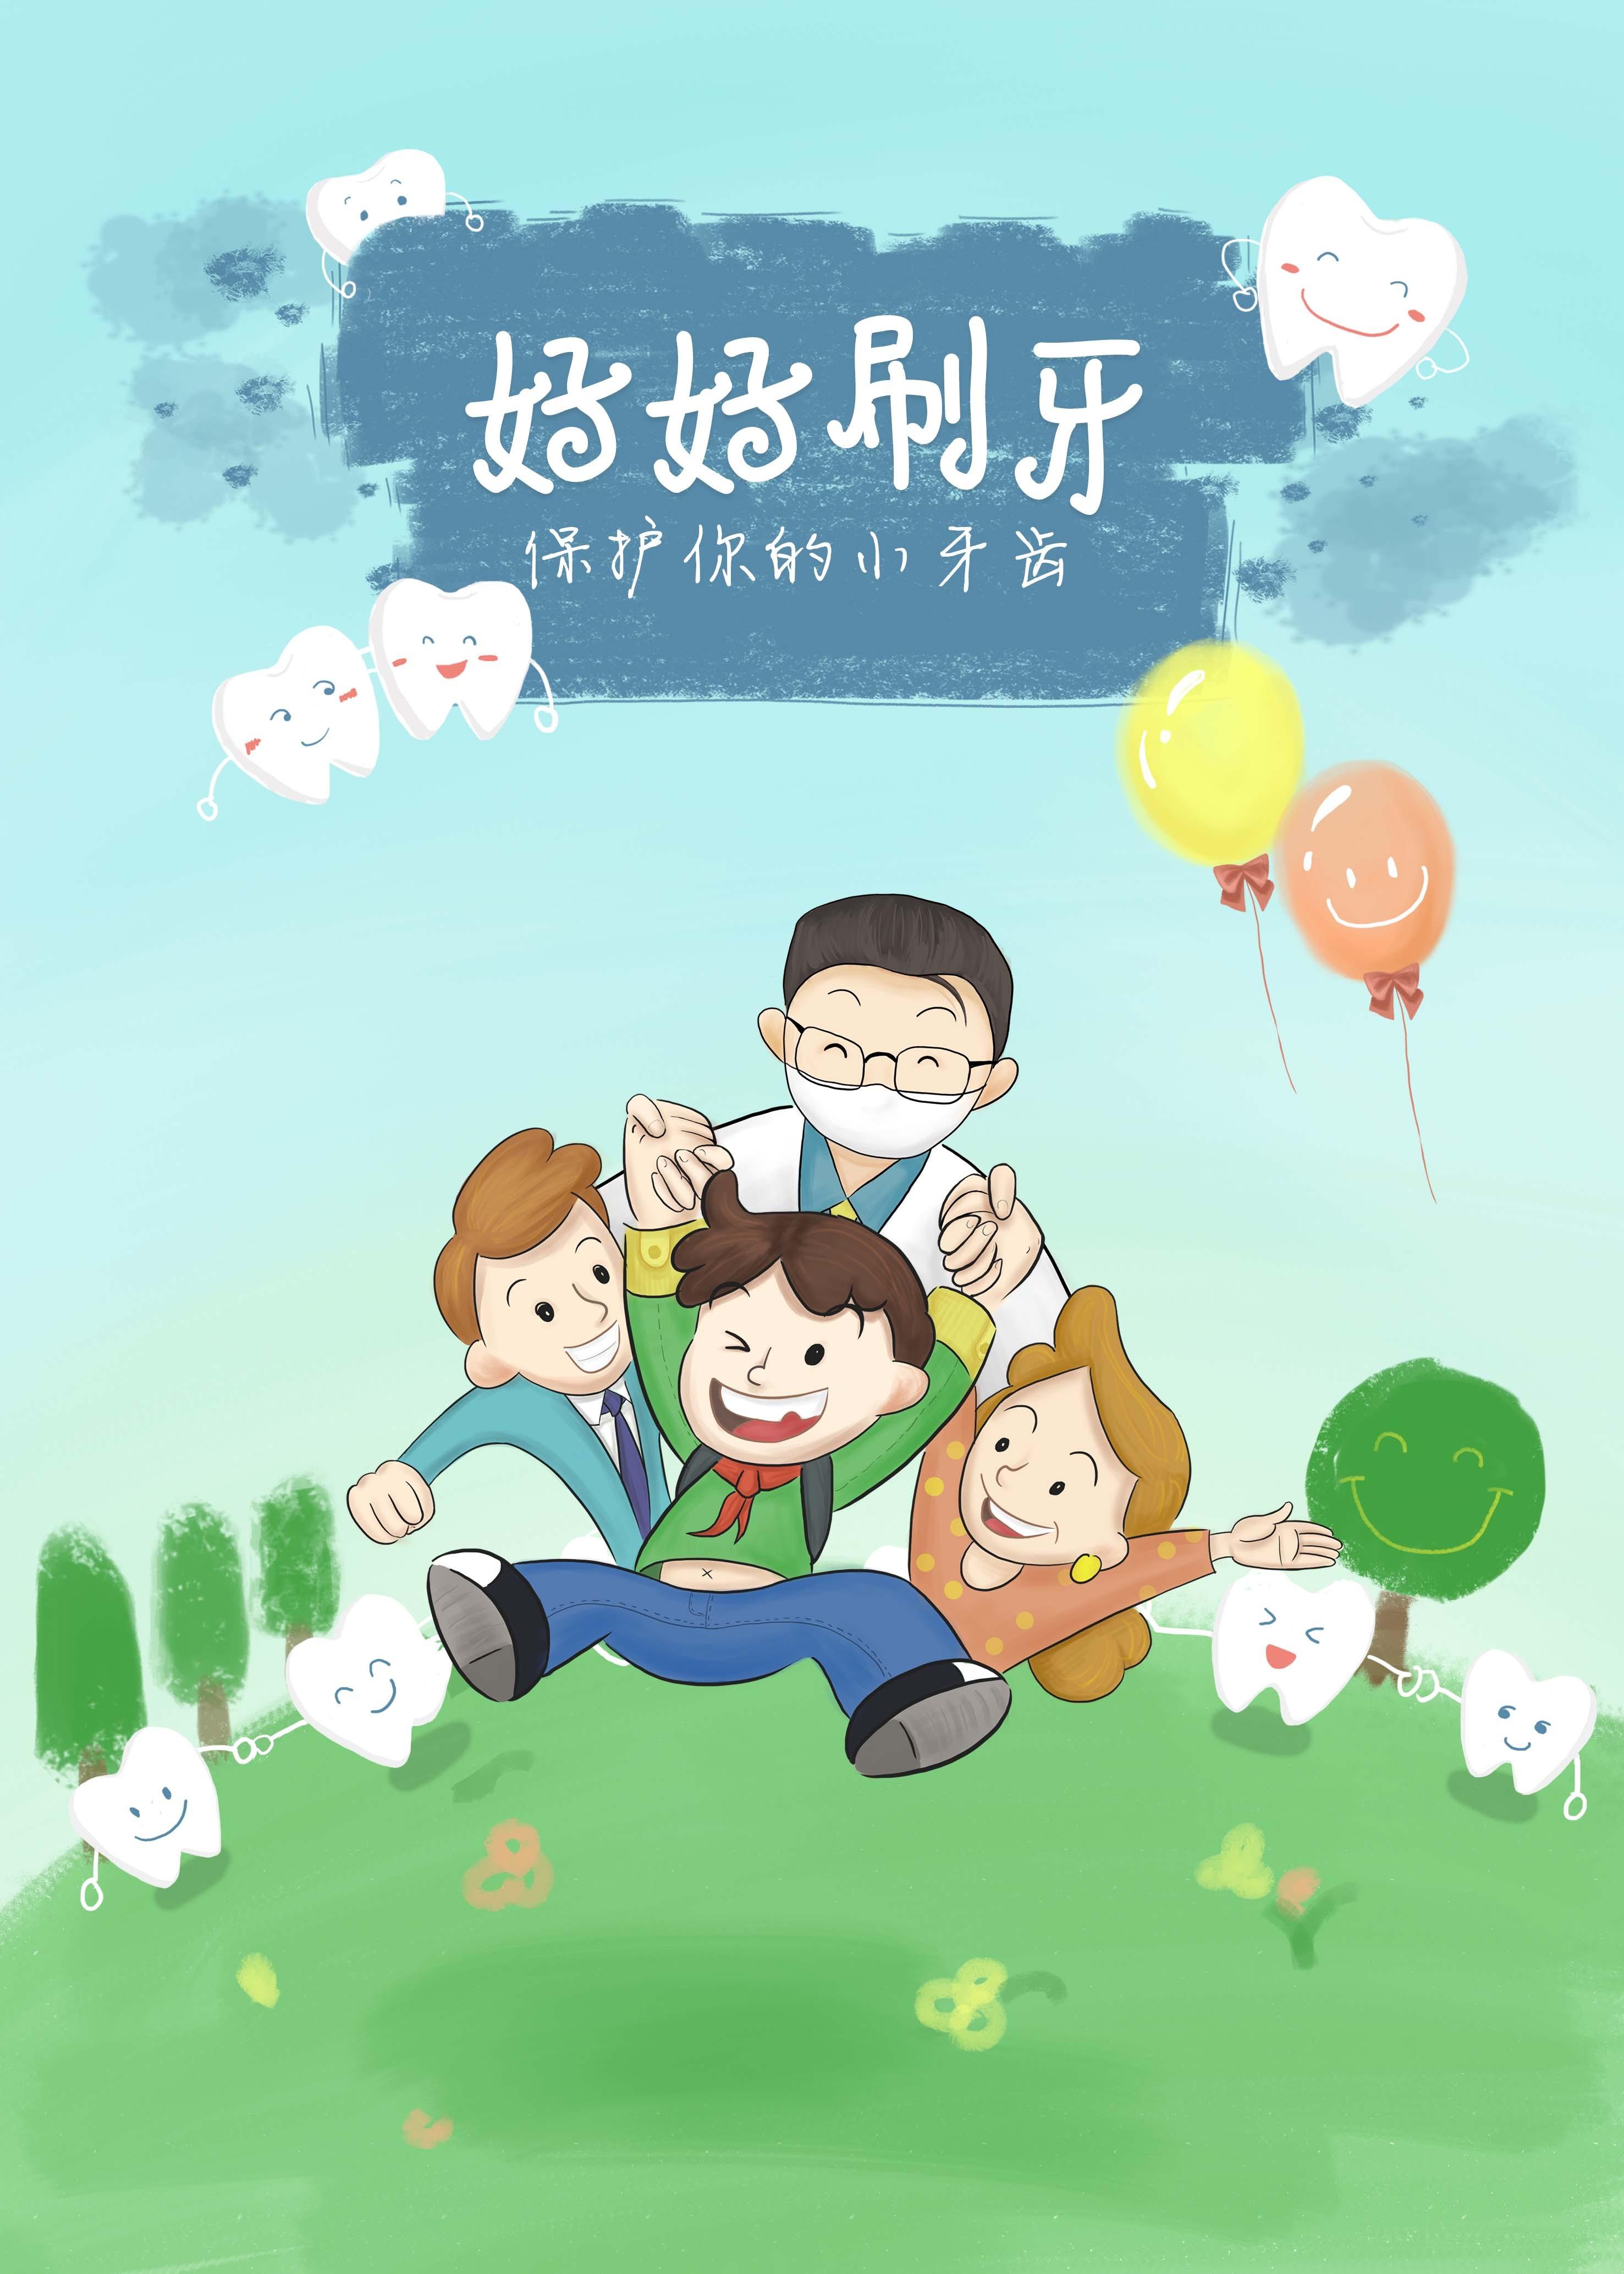 卡通刷牙手绘小海报|插画|儿童插画|sherry_liiiu